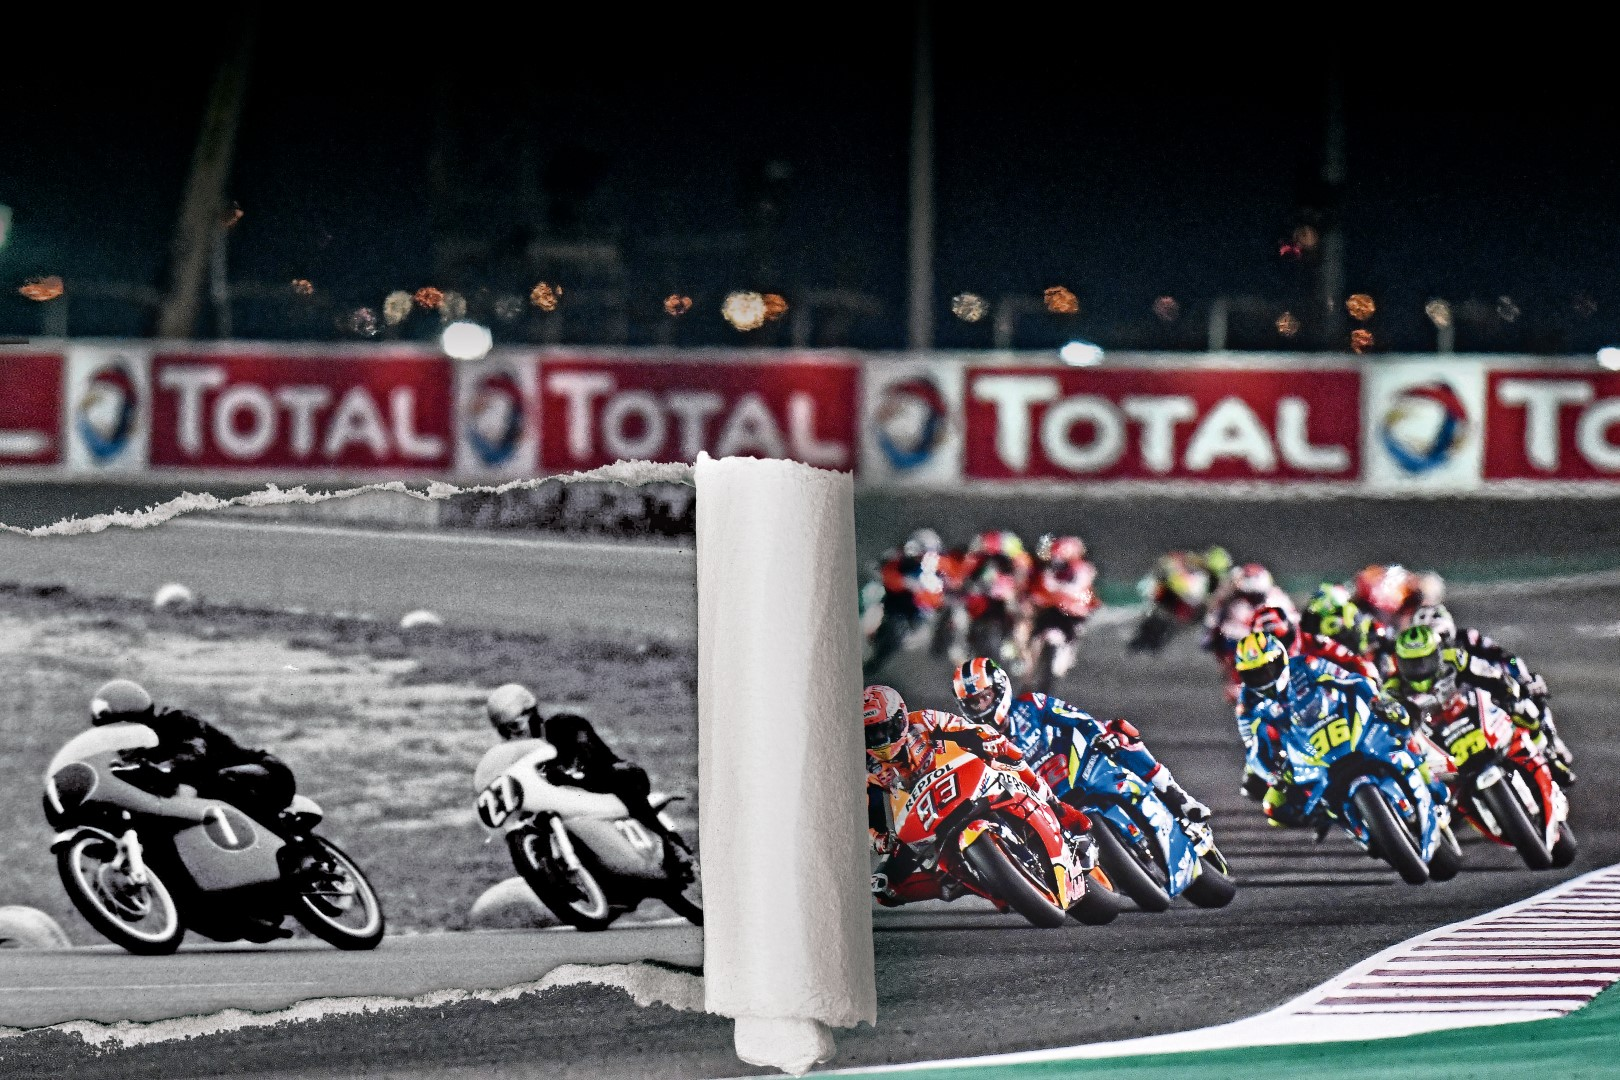 Los circuitos de MotoGP: El nuevo mundo